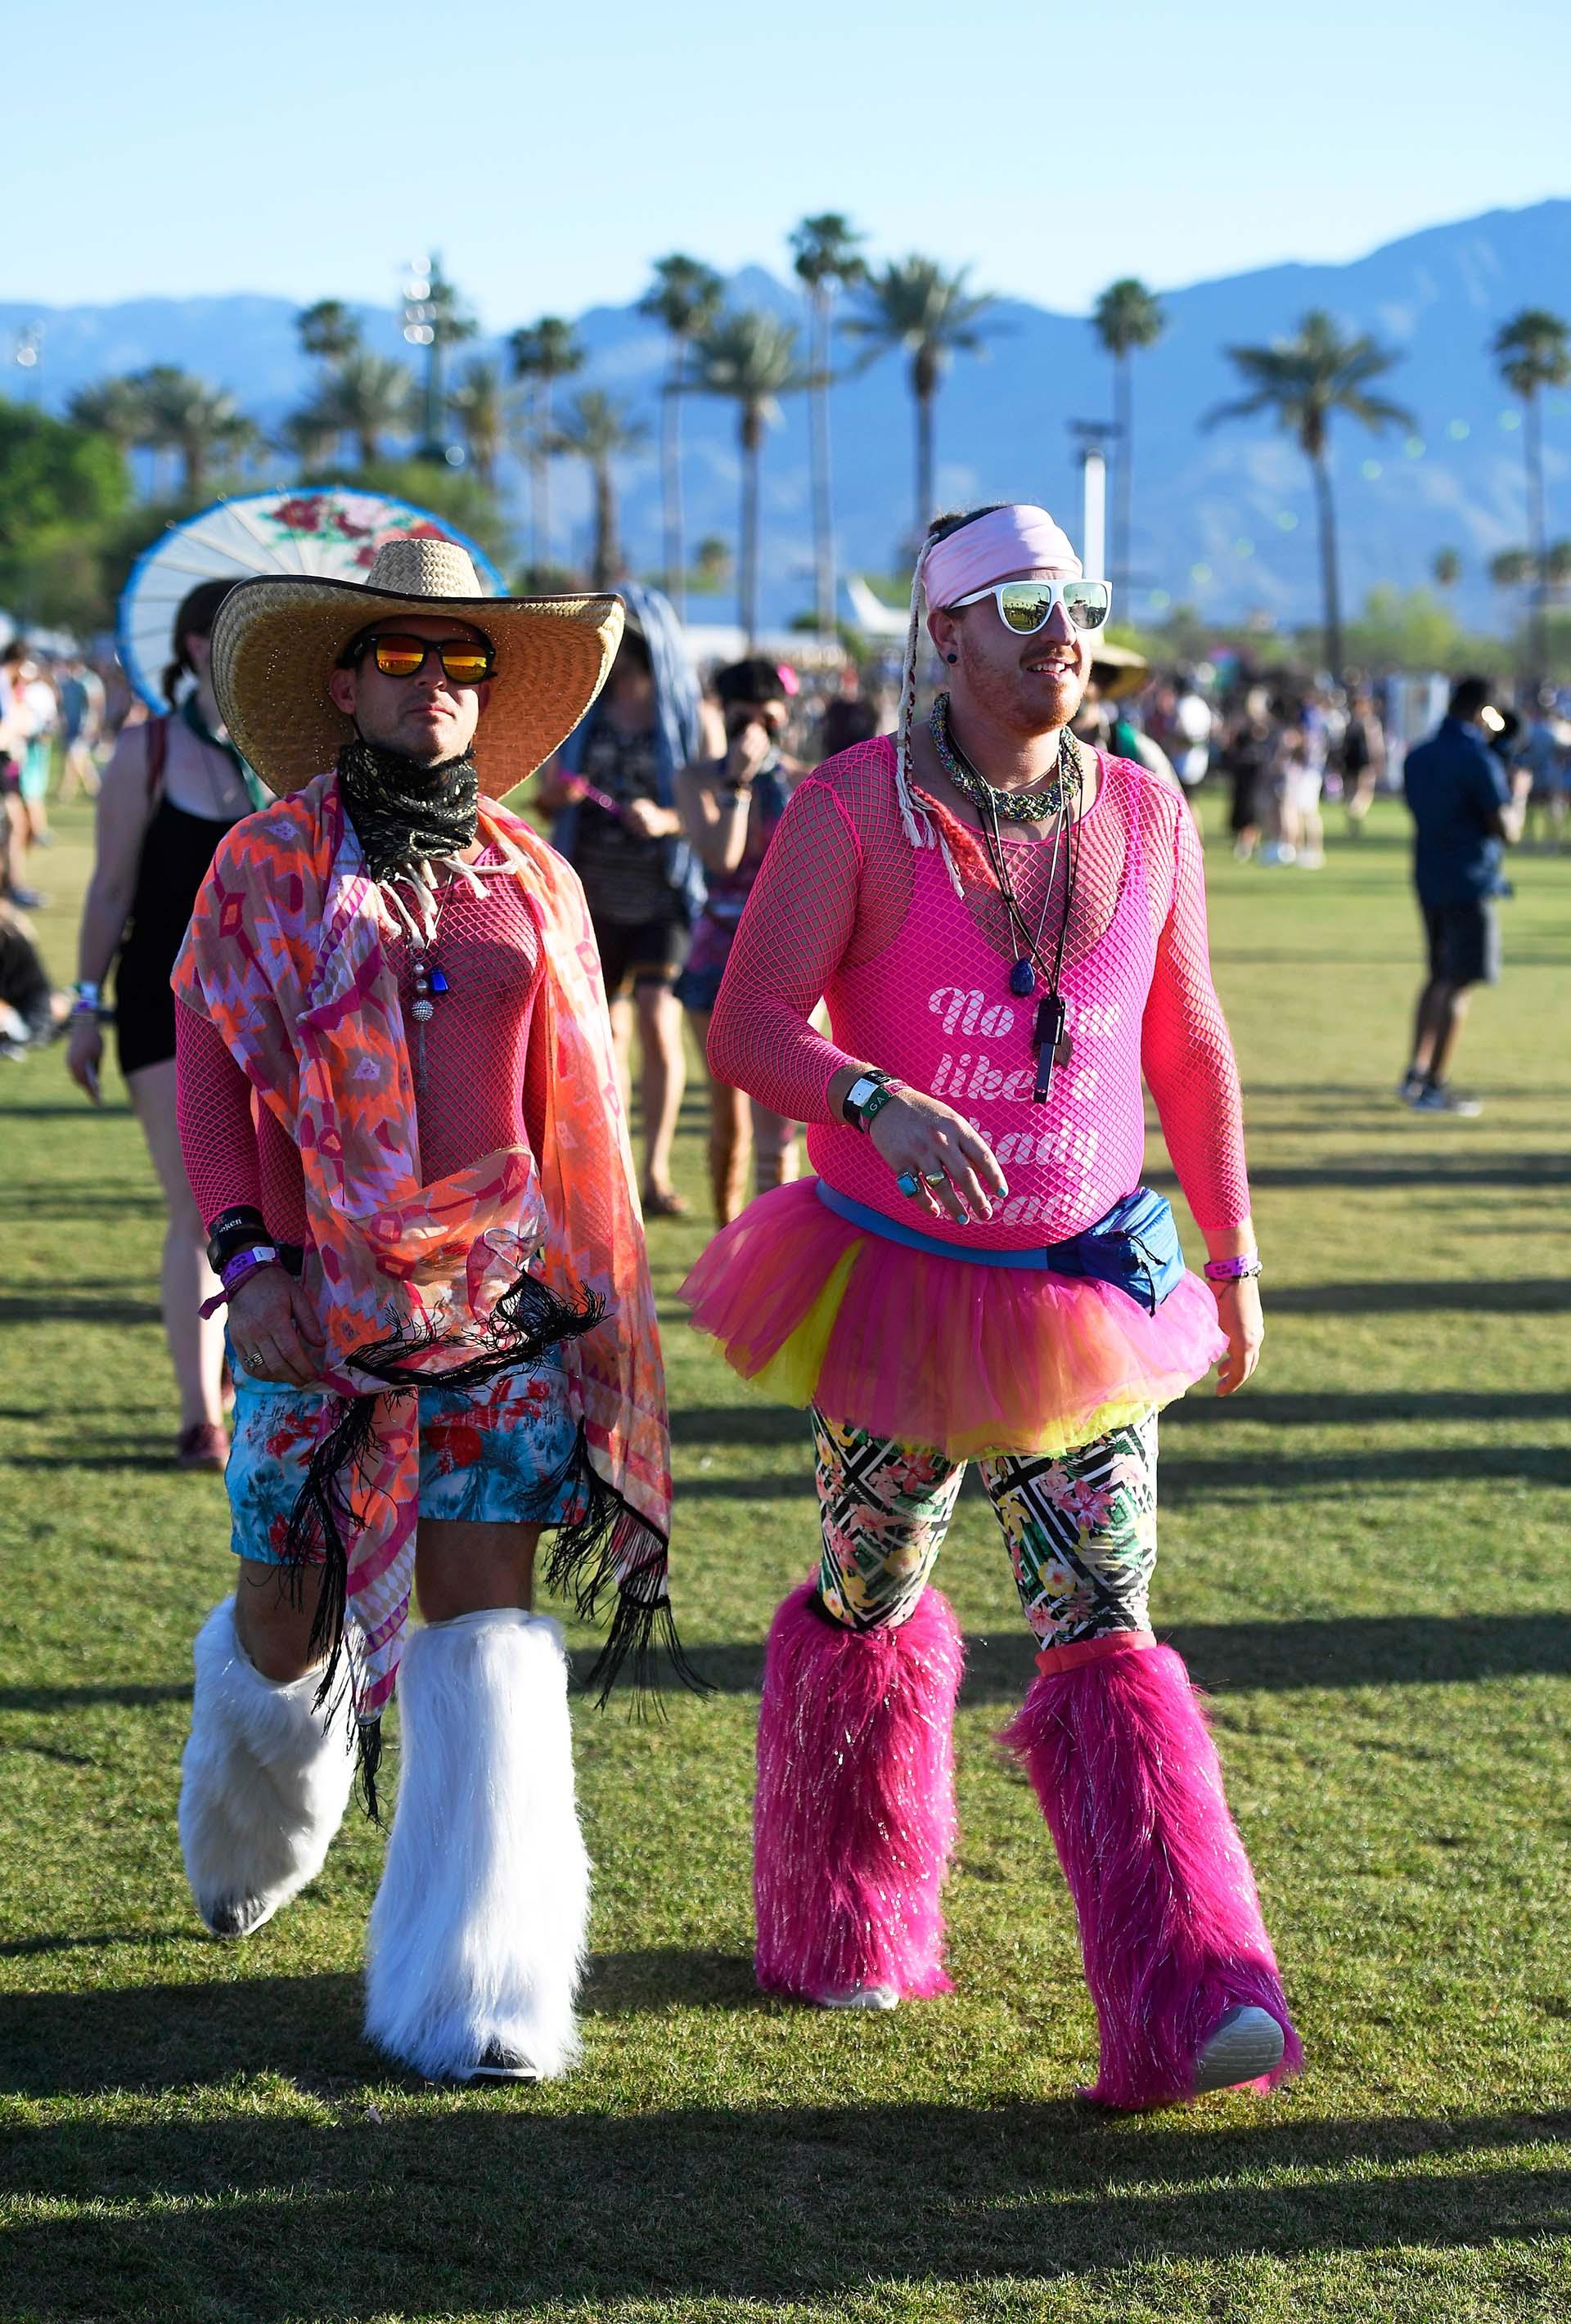 El fucsia como el gran protagonista de los looks. Gafas metalizadas con espejos tornasol, sombrero al estilo mexicano y vincha, body con red y tutú combinado con calzas estampadas, y la vedette de los looks las polainas de pelo en blanco y fucsia